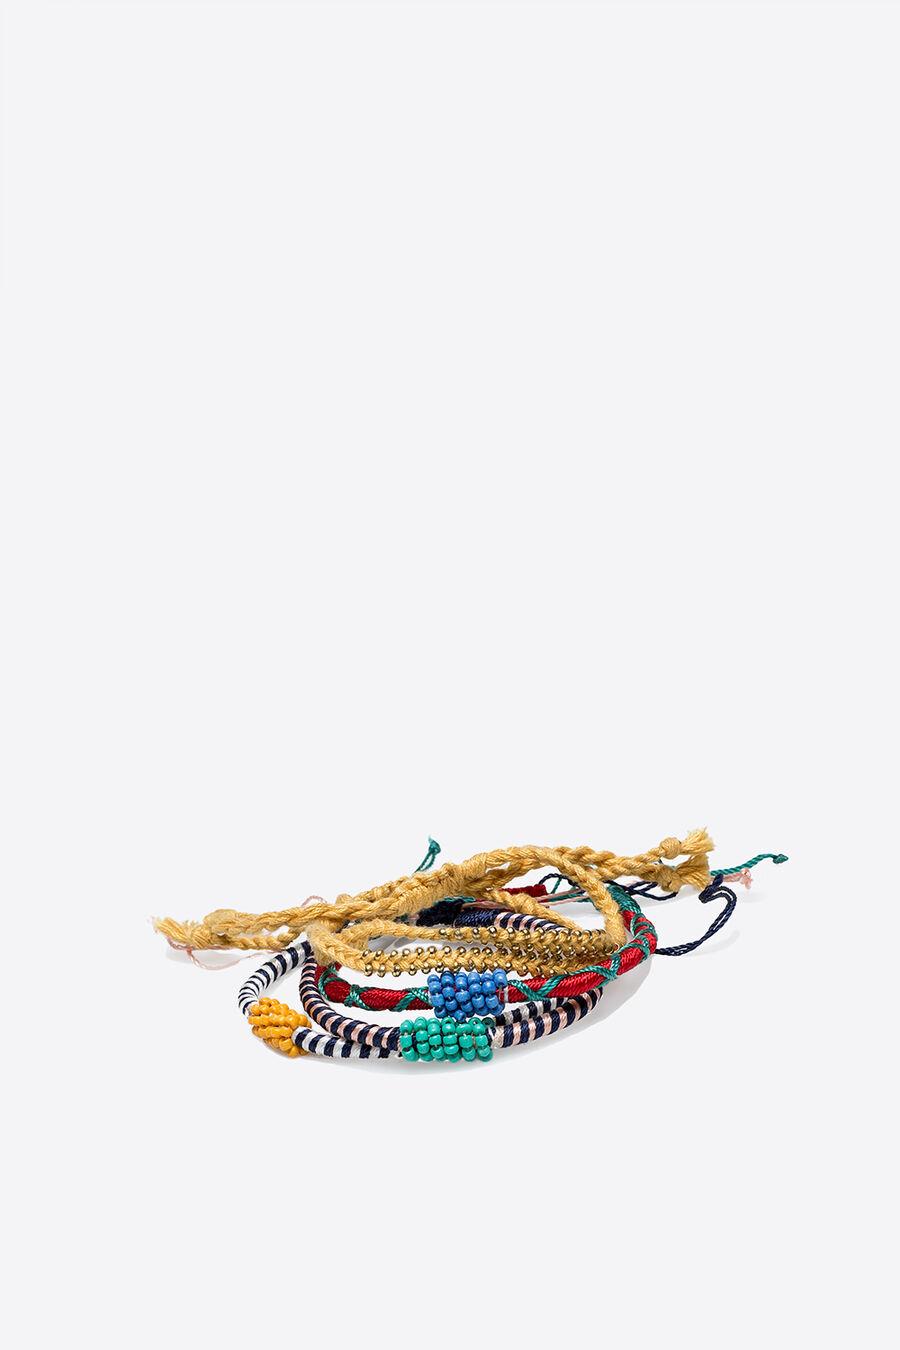 Pack of beaded bracelets.